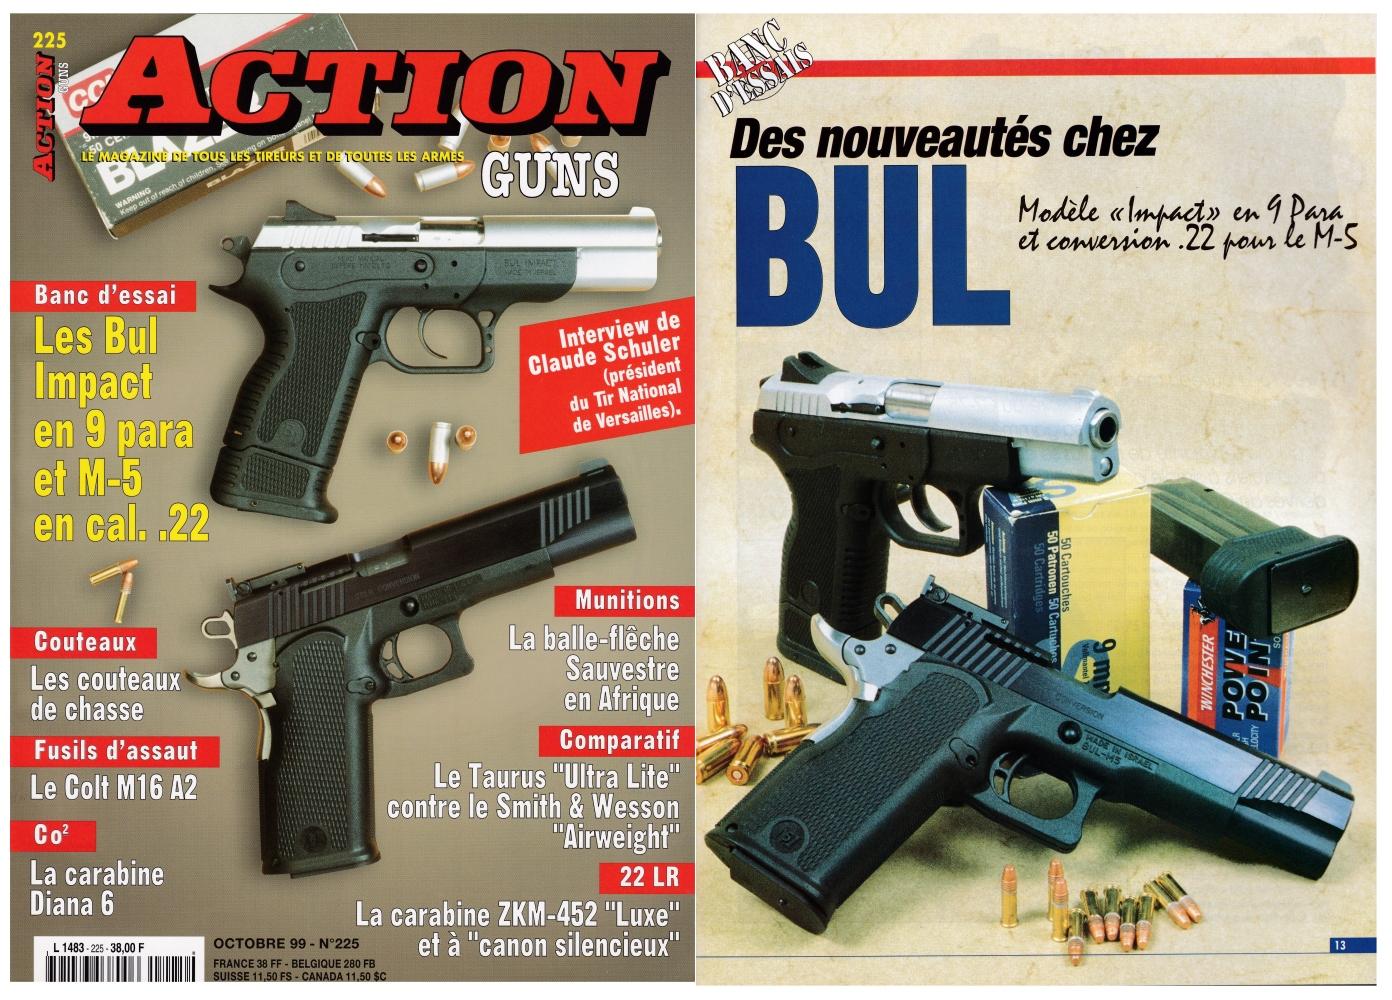 Le banc d'essai des pistolets Bul « Impact » en calibre 9 Para et Bul M-5 avec conversion .22 a été publié sur 8 pages dans le magazine Action Guns n°225 (octobre 1999)